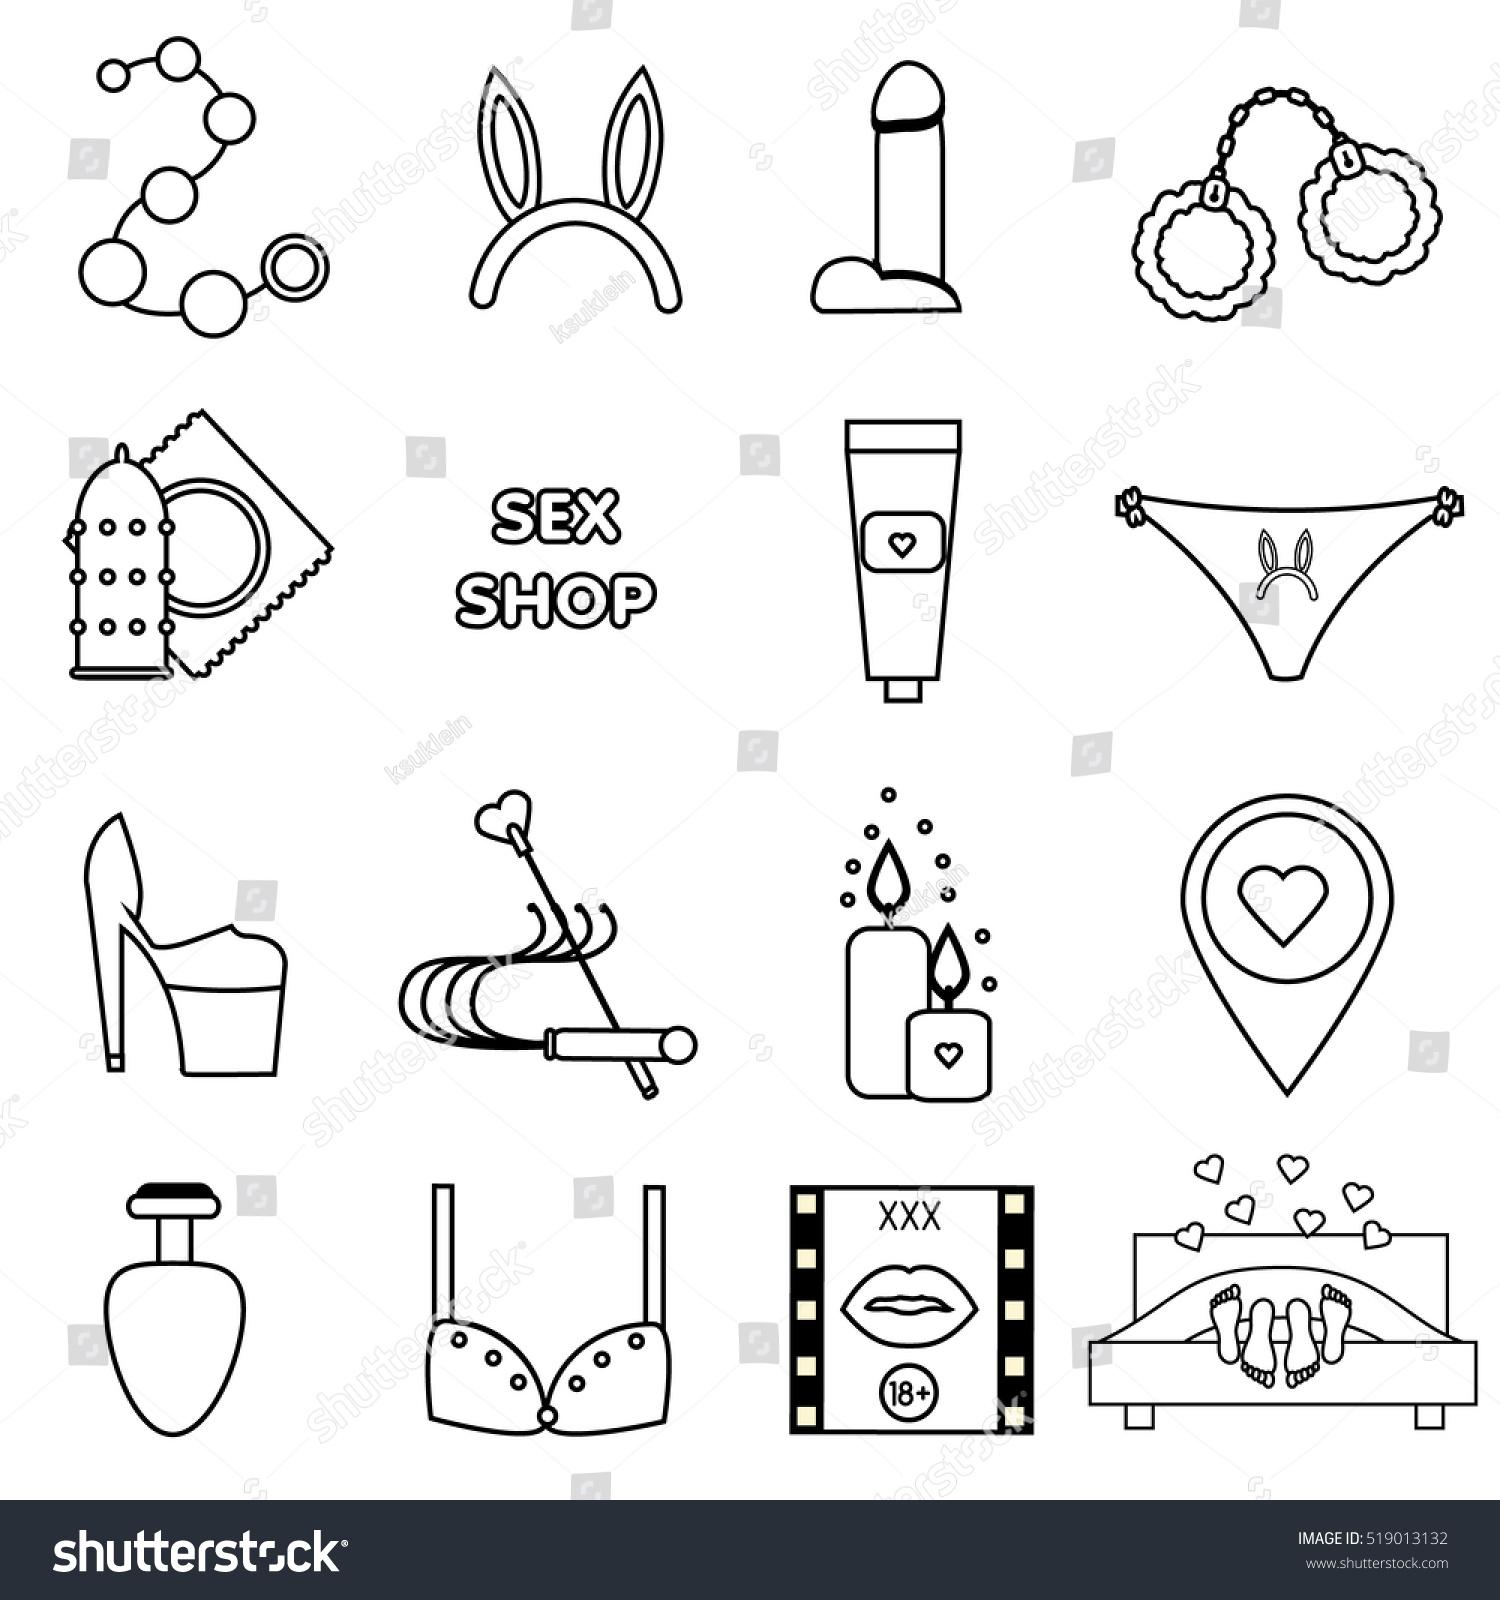 Erotic sex text symbols